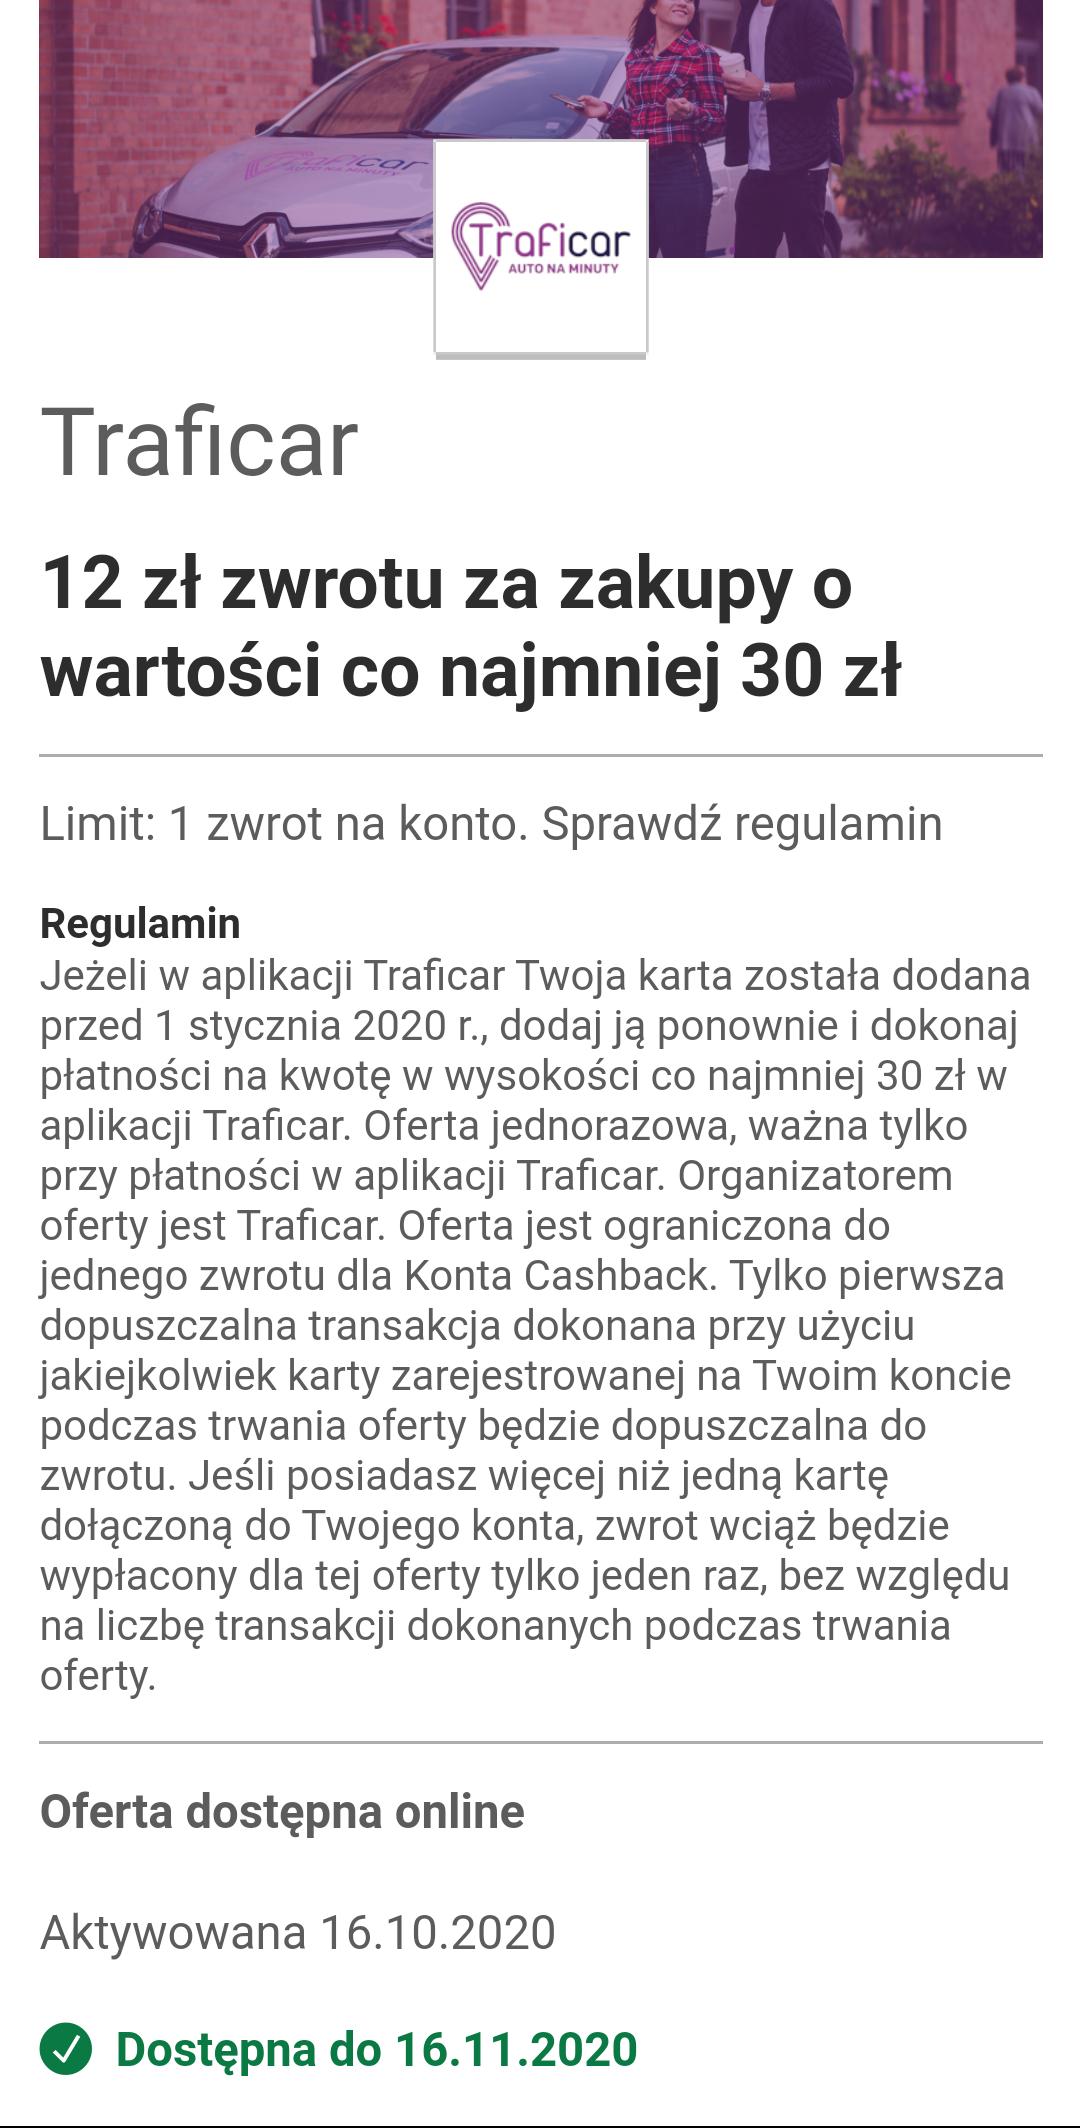 Visa Oferty - Traficar zwrot 12zl przy wydanych 30zl